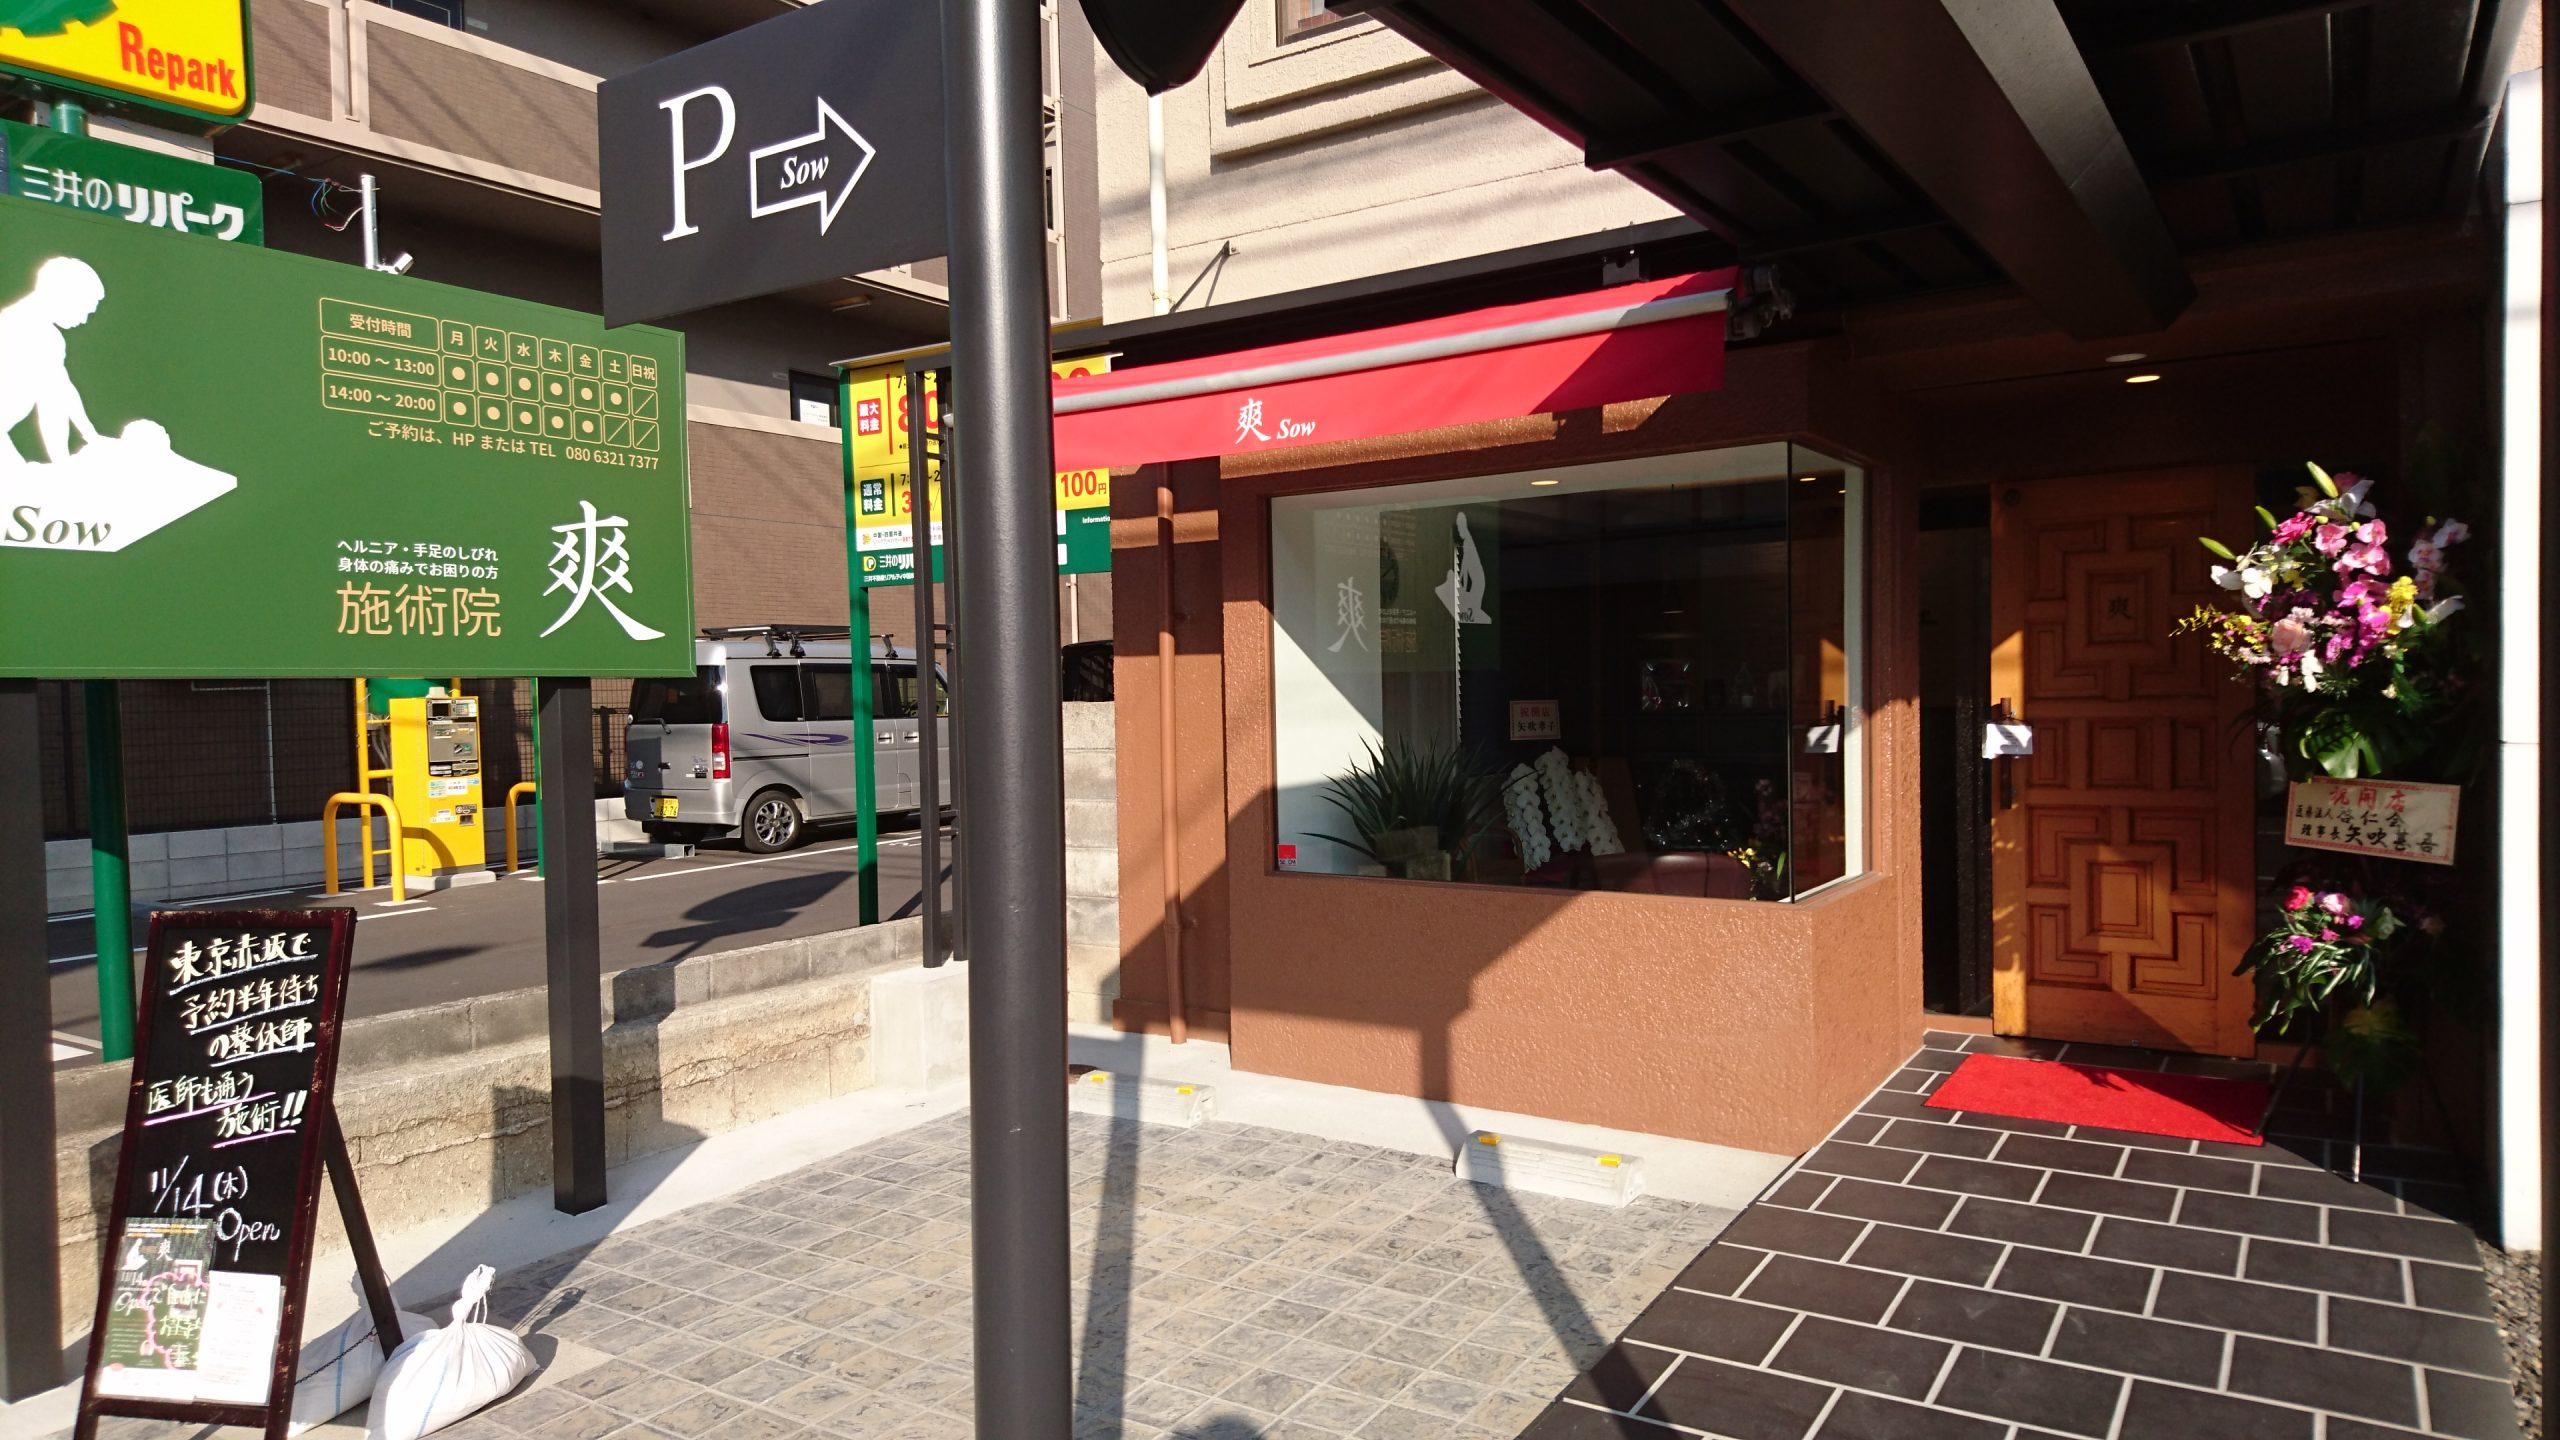 その先に広島市佐伯区の整体「施術院 爽」があります